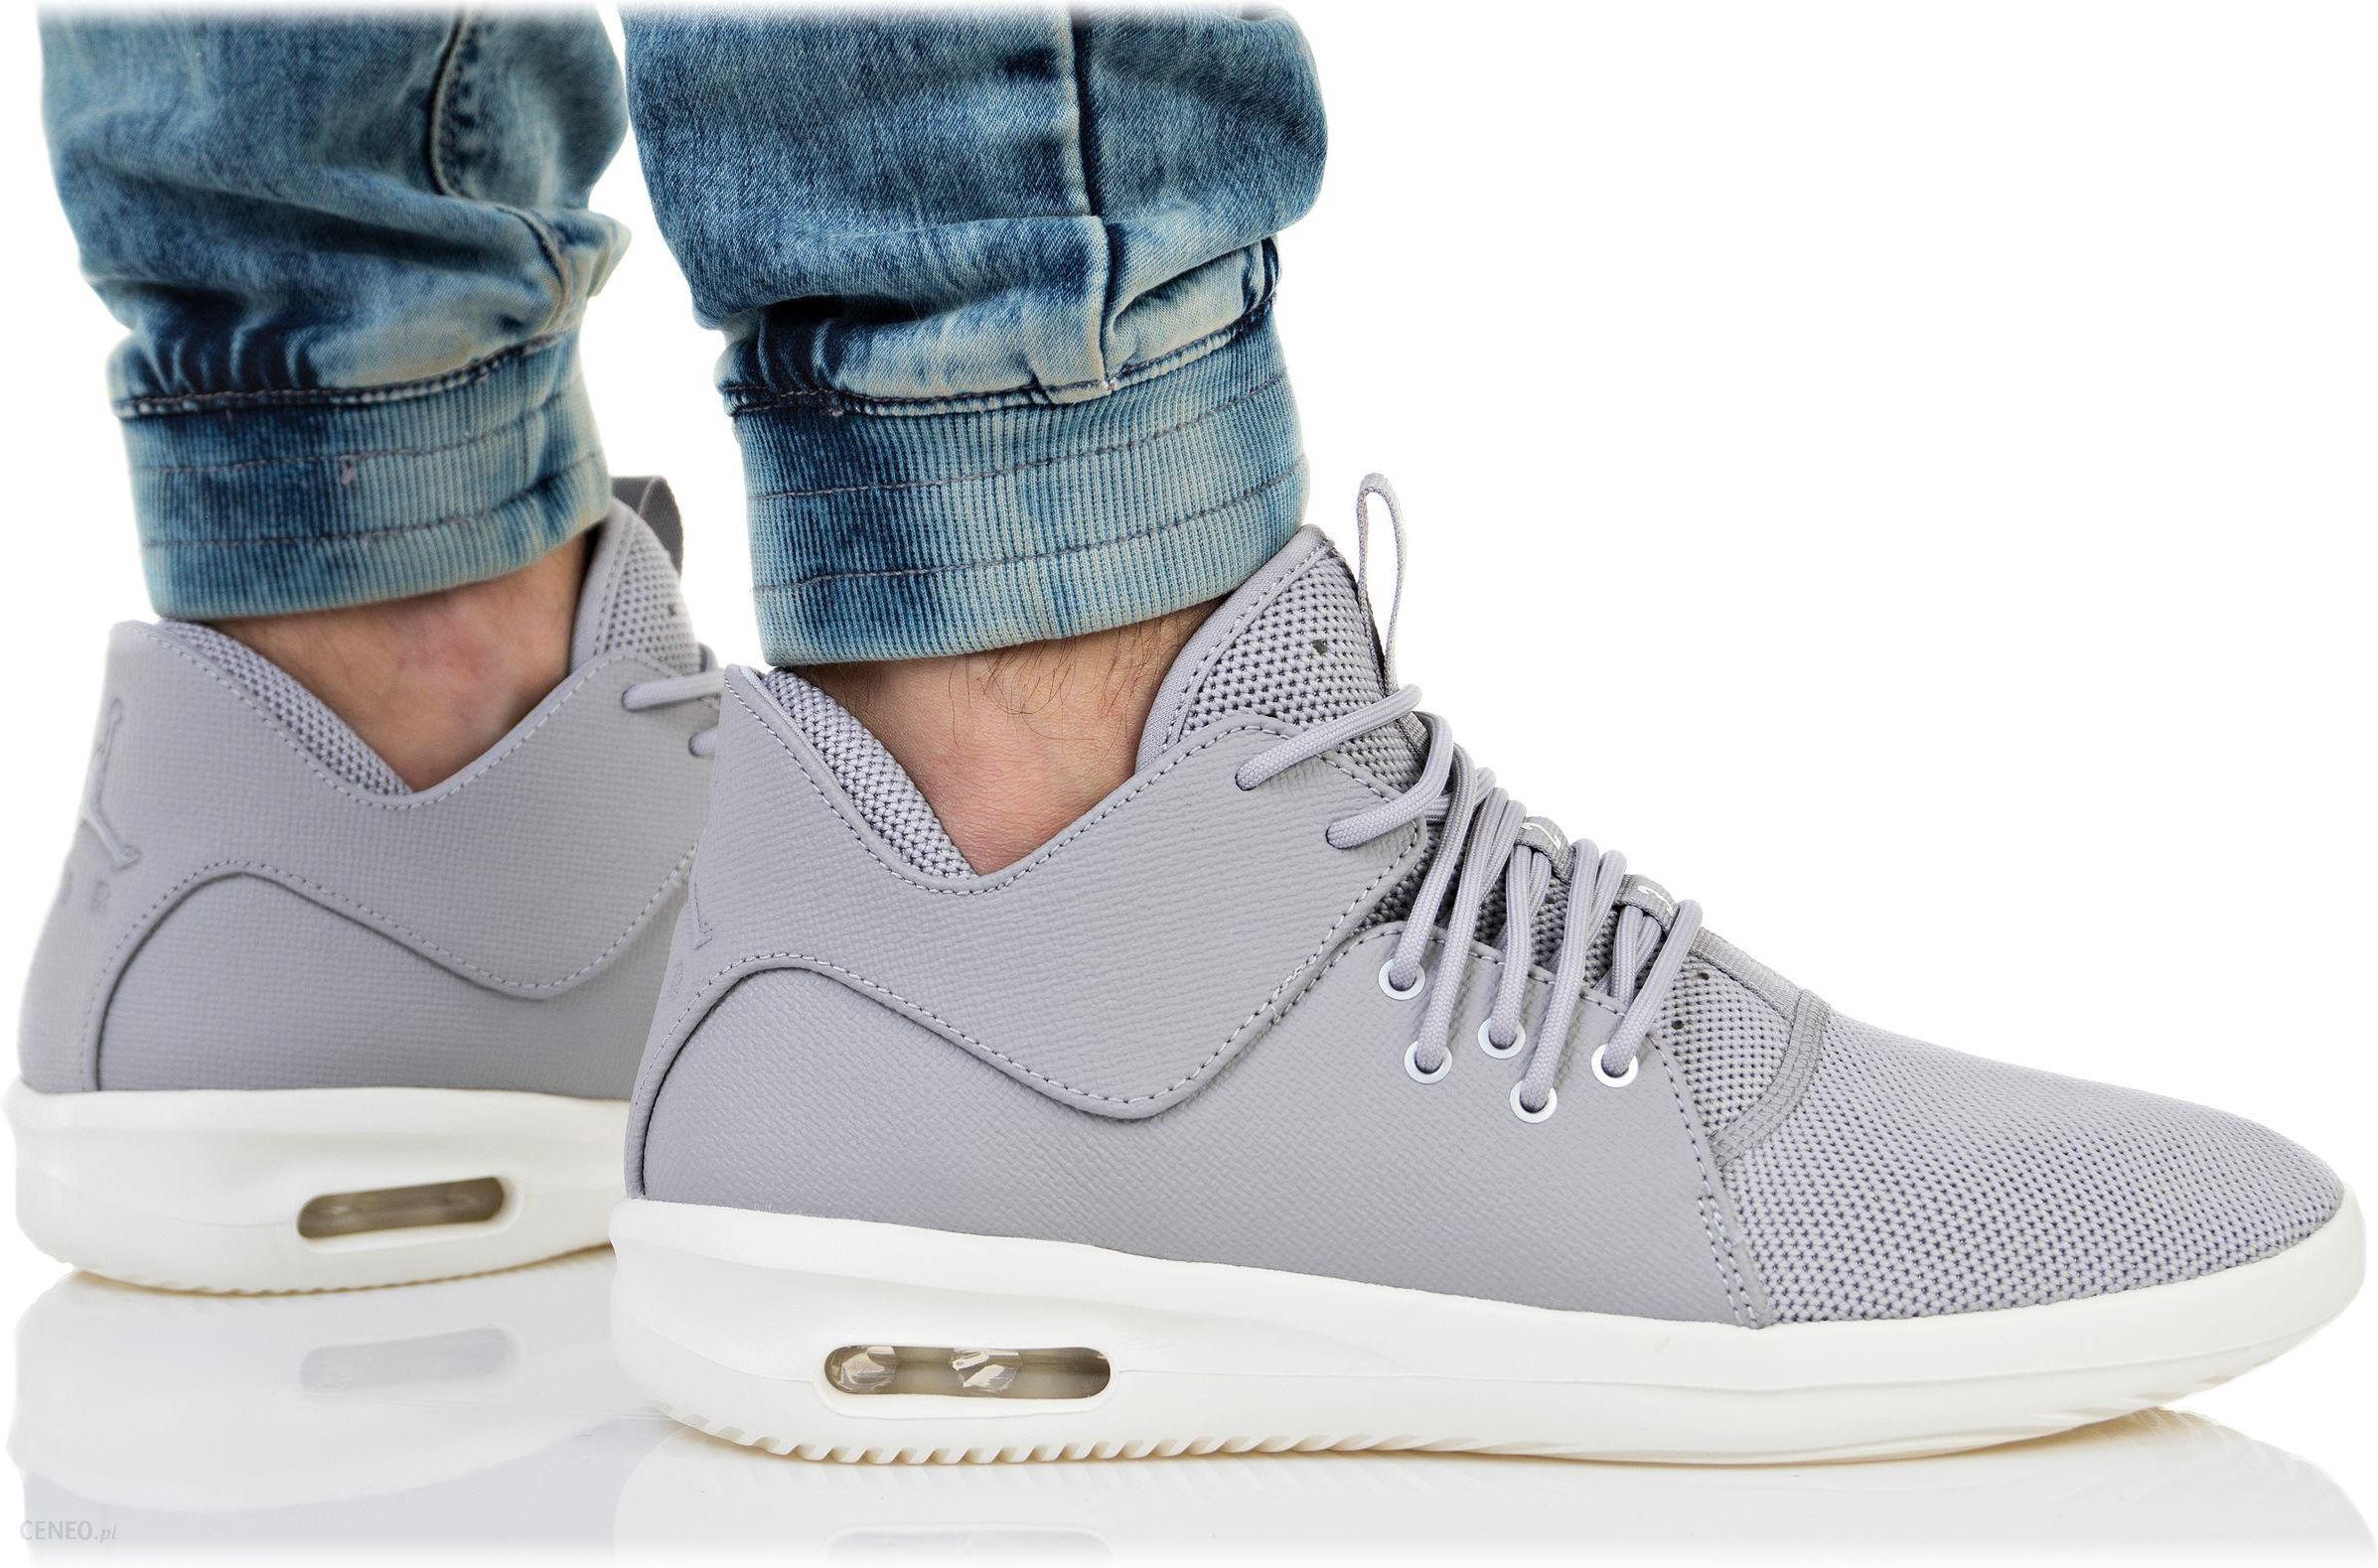 Nike, Buty męskie, Marxman, rozmiar 44 12